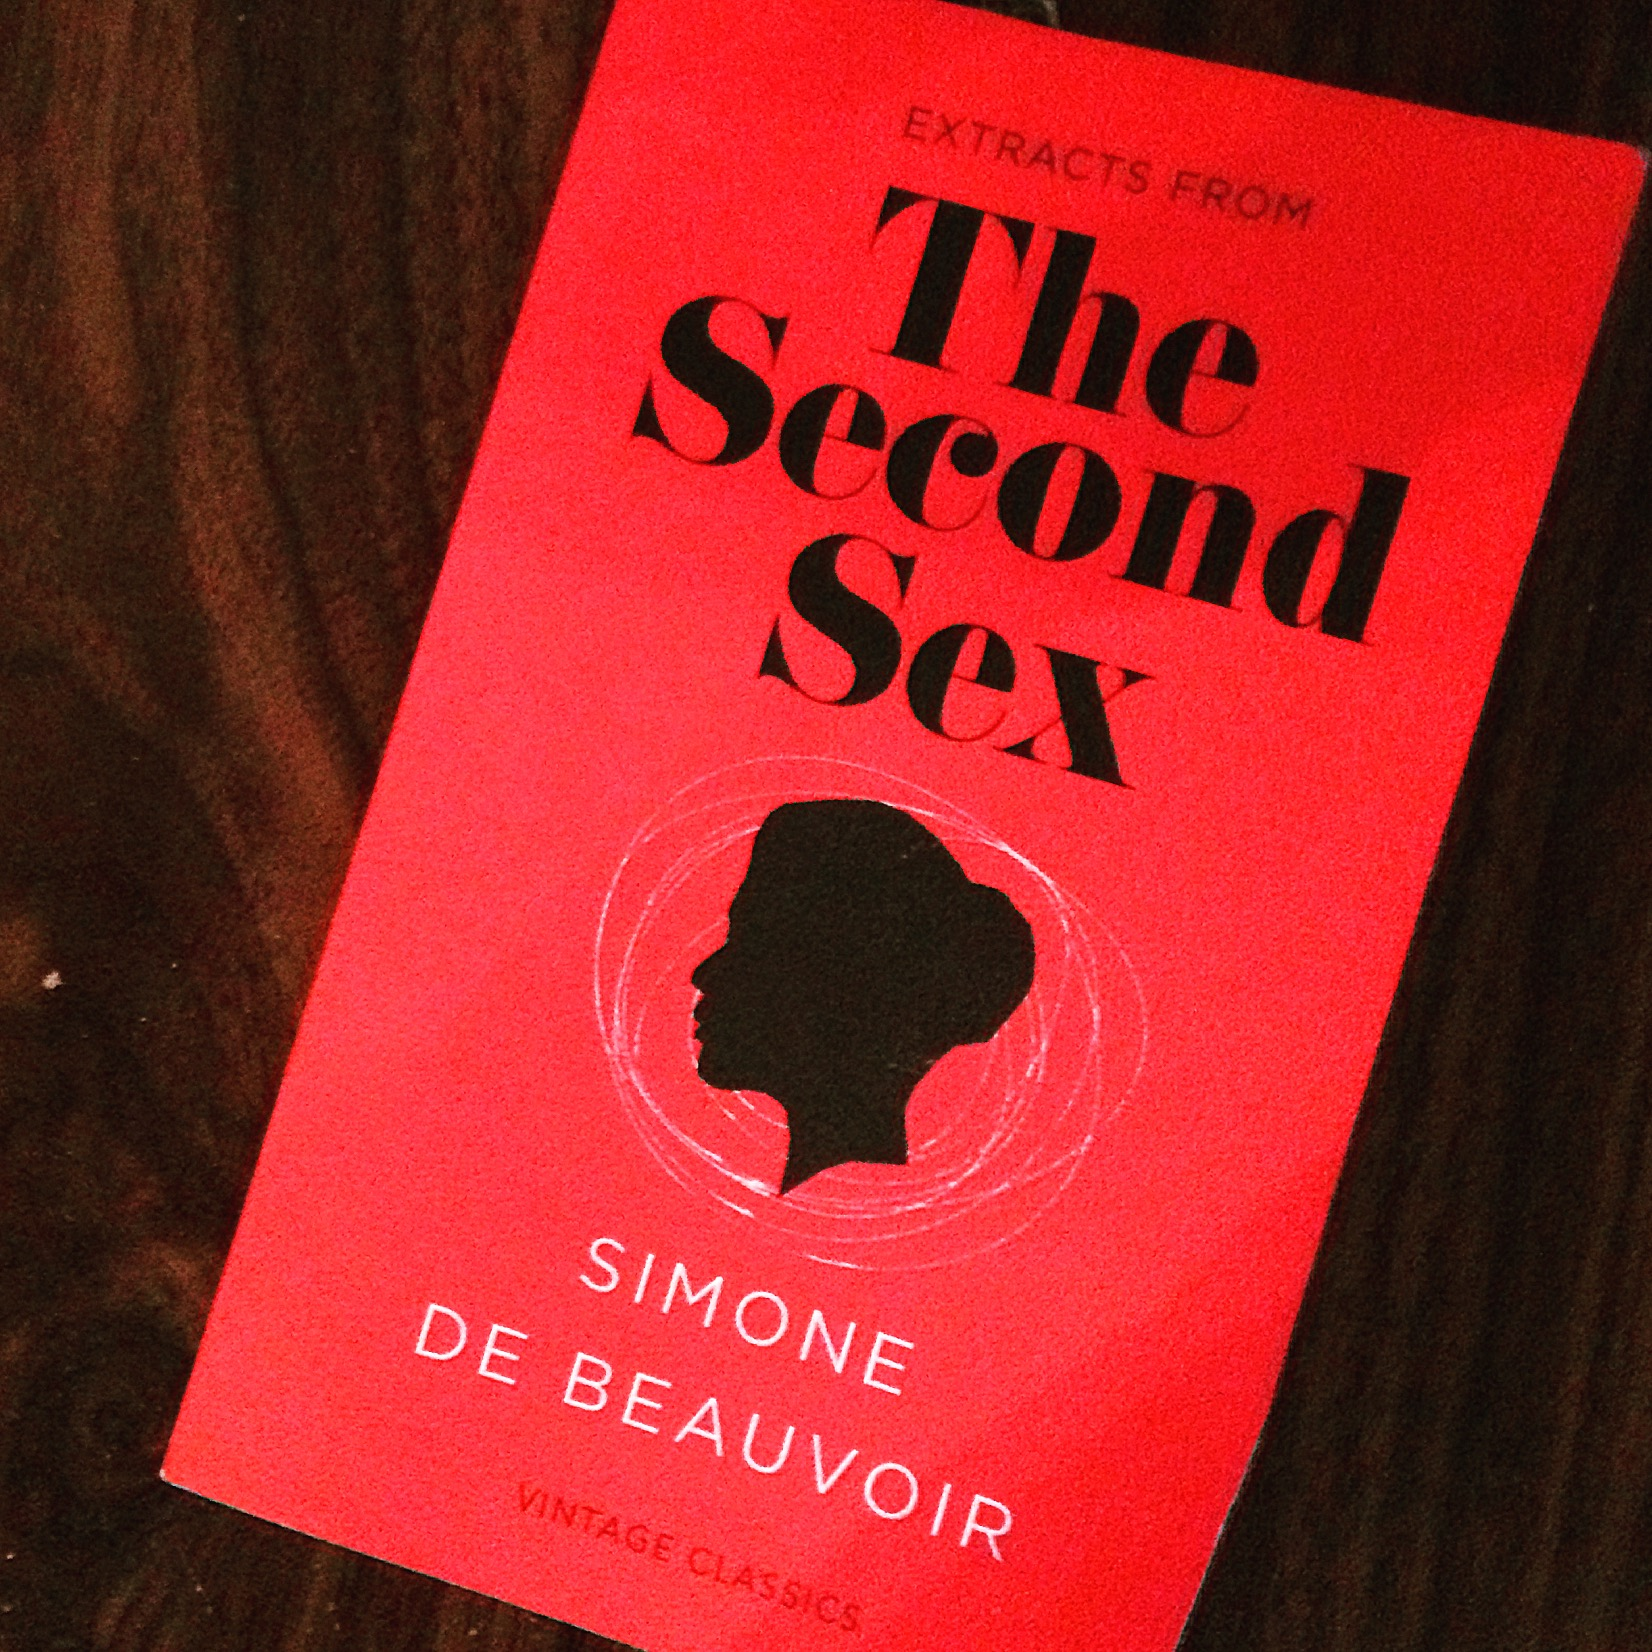 the-second-sex-by-simone-de-beauvoir